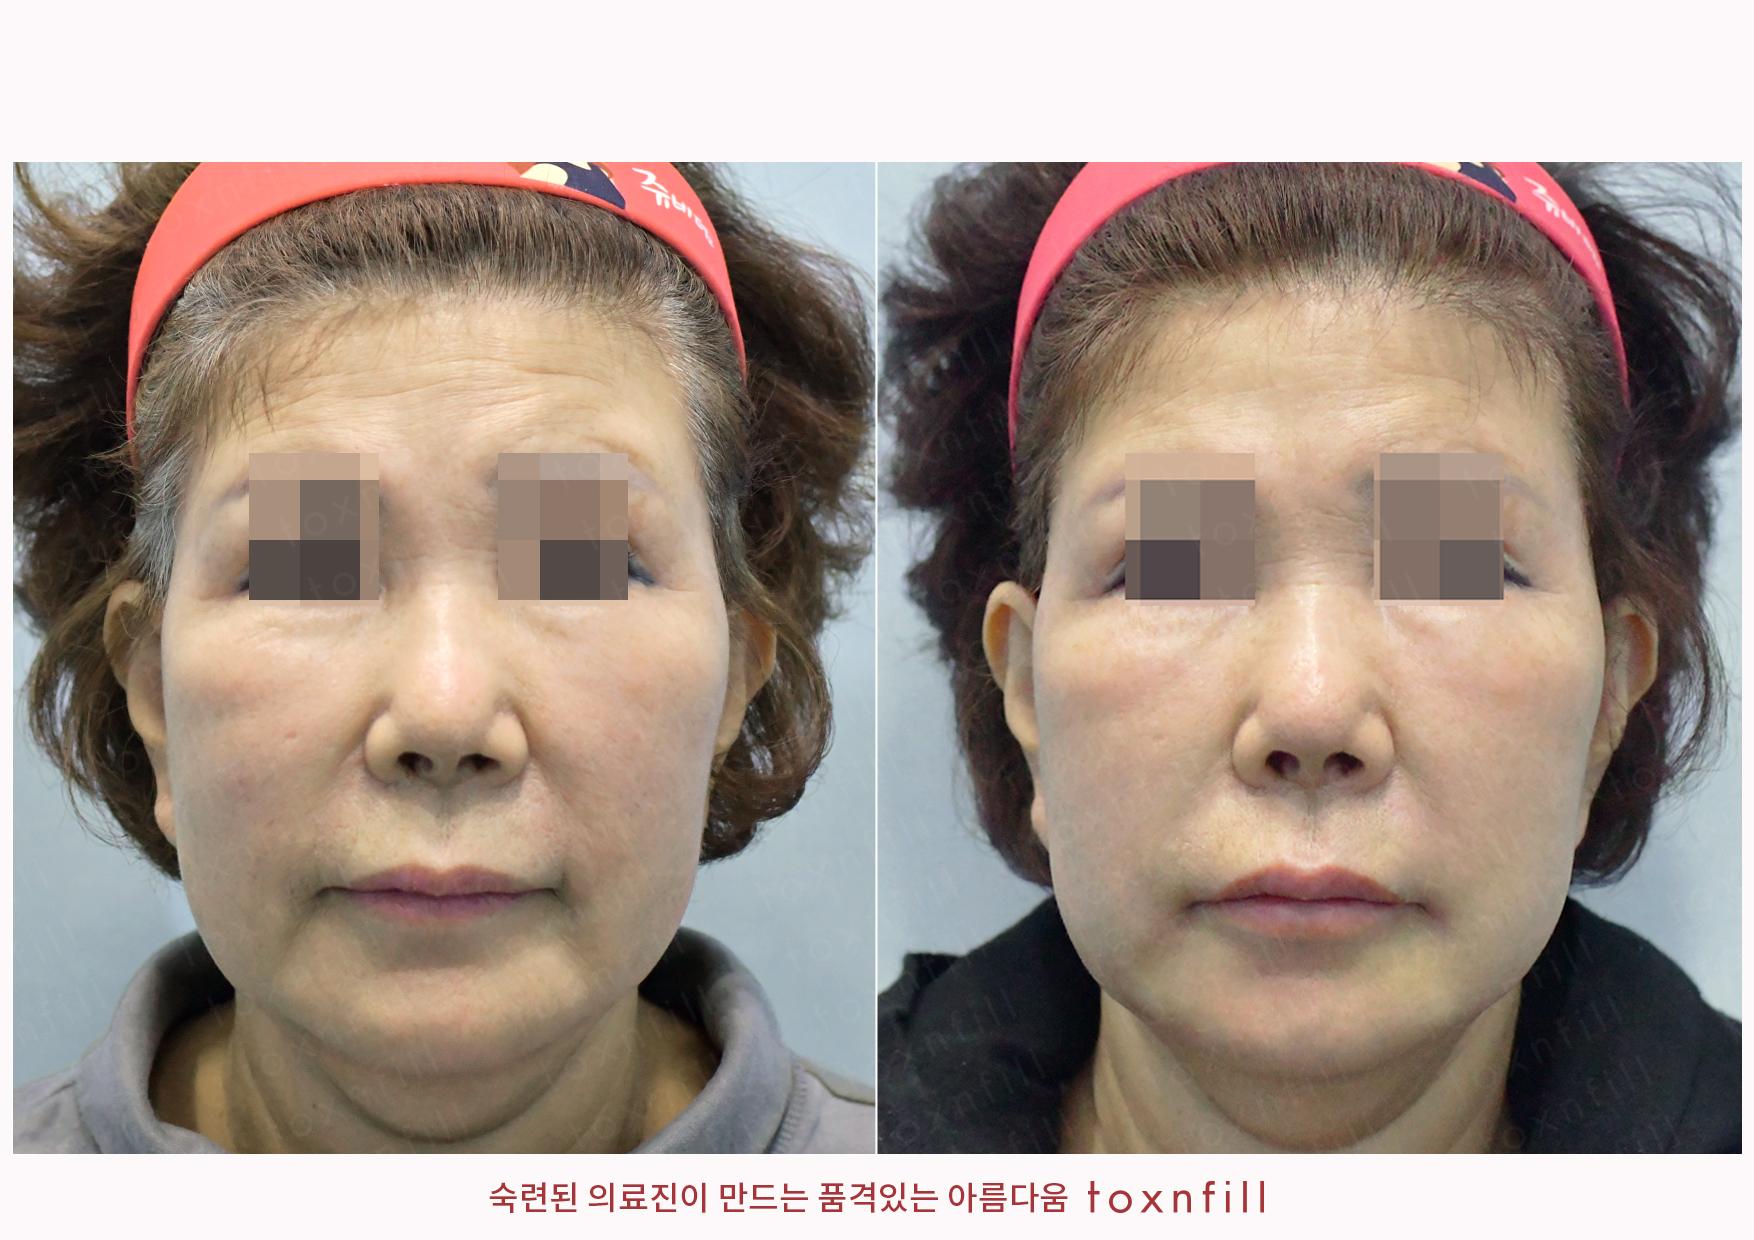 앞볼,마리오넷,인중,입꼬리,입술볼륨필러+입가더모톡신+눈가전체보톡스 시술전후